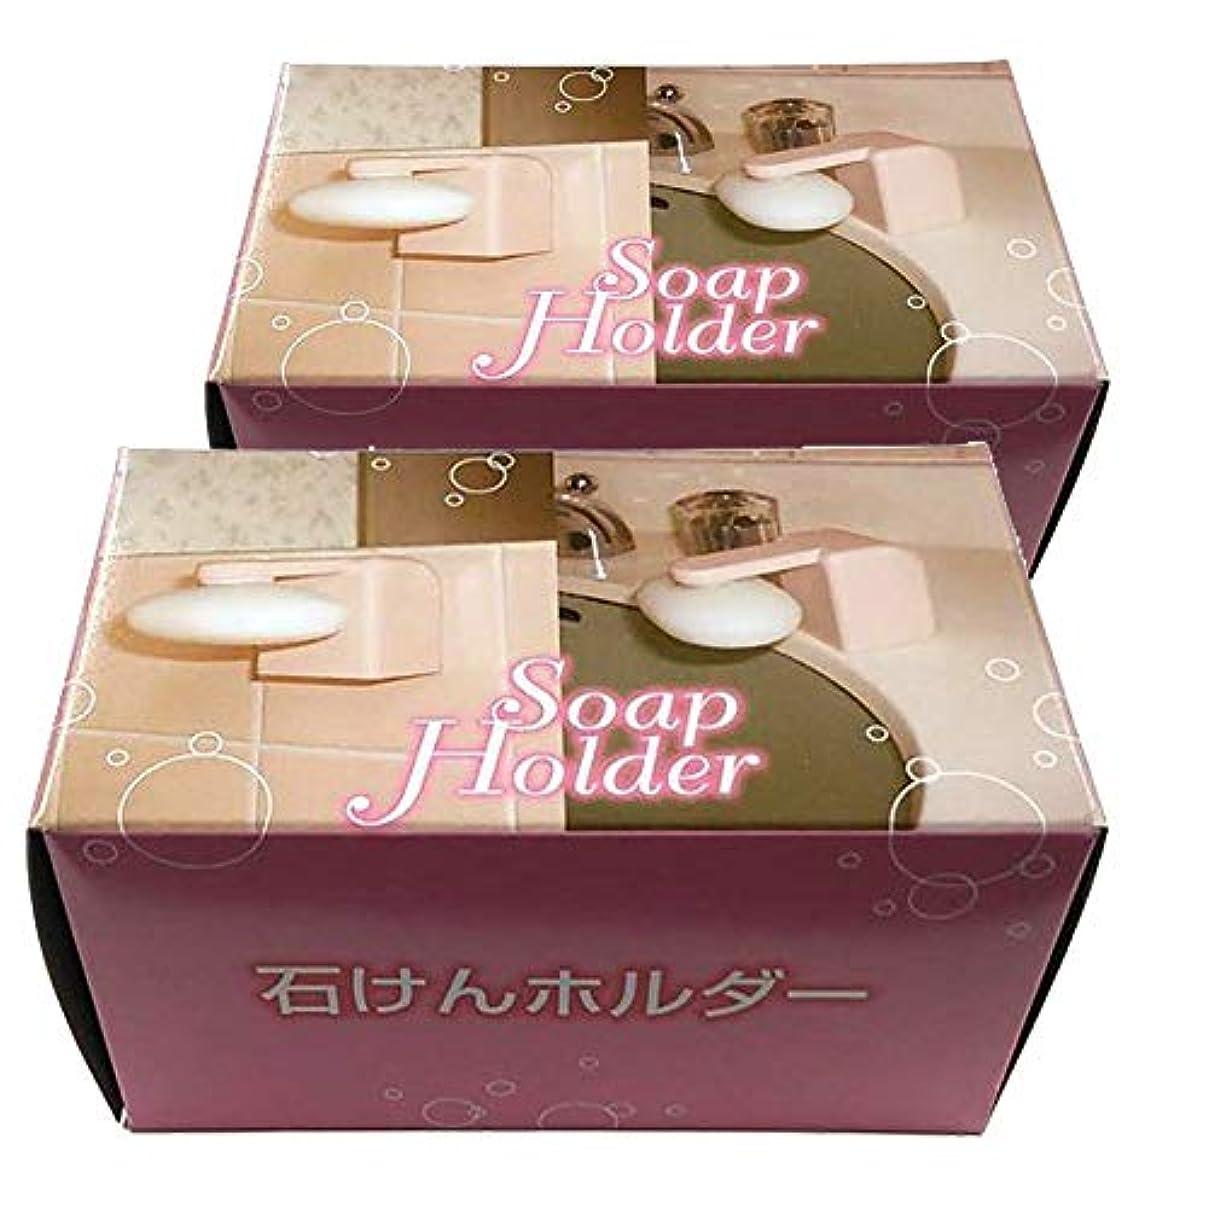 ストレス光沢責任マグネット石けんホルダー(2個セット) 石鹸が溶けないホルダー